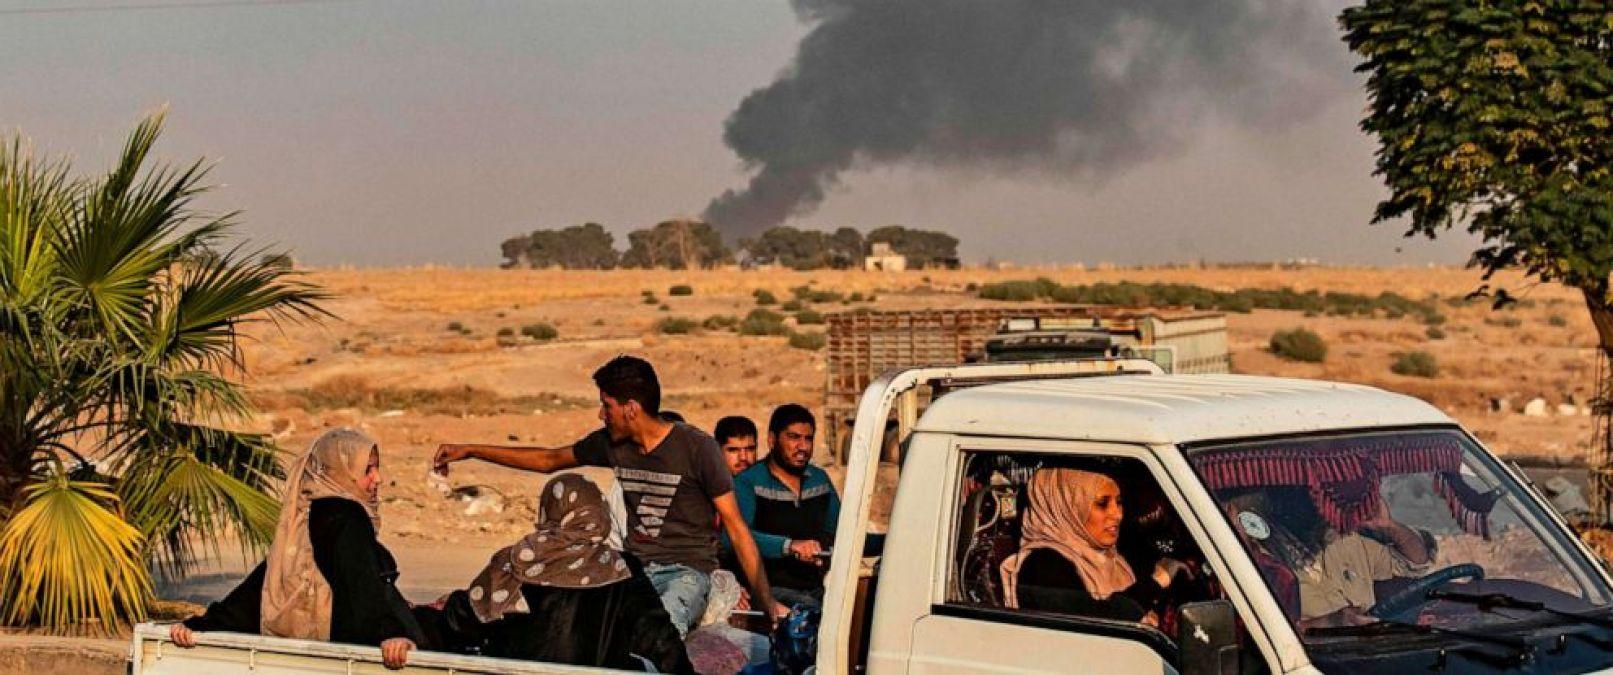 अमेरिकी सेना के सीरिया से हटते ही तुर्की ने खेलना शुरू किया खुनी खेल, बमबारी में सात नागरिकों ने गंवाई जान